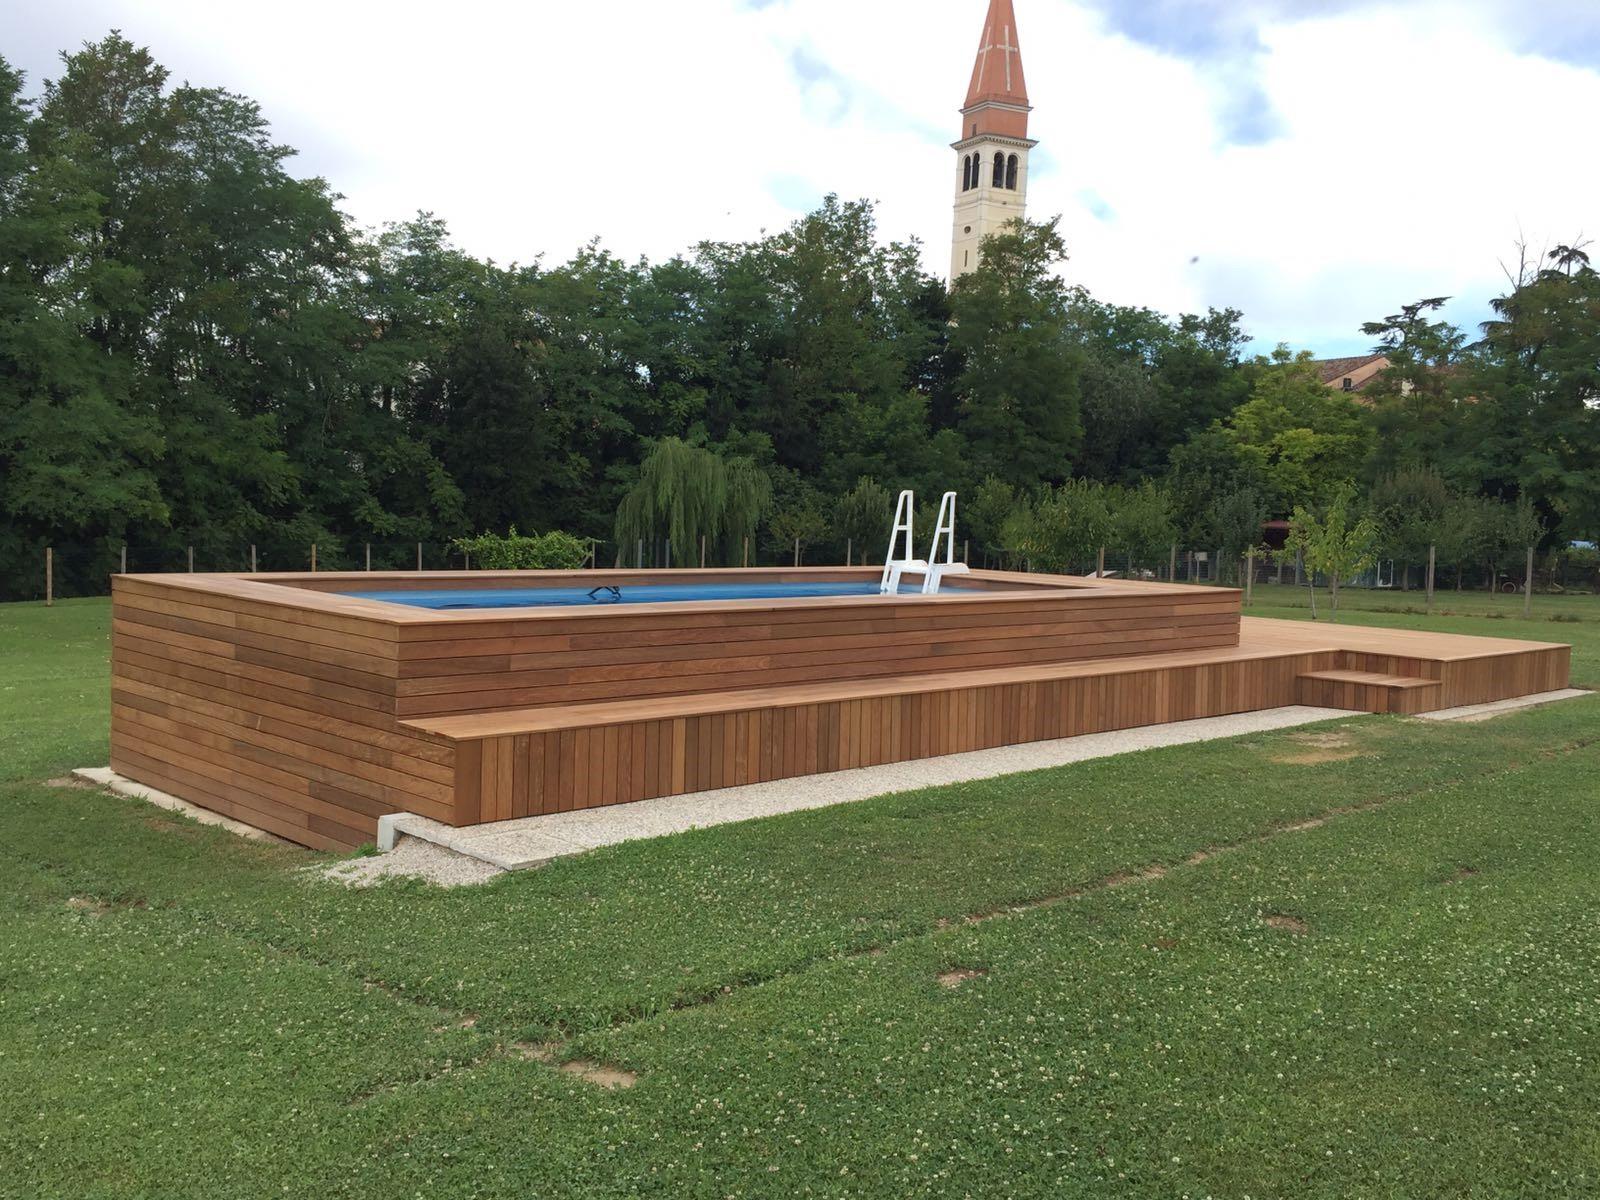 Prima e dopo 37 immagini con e senza piscina - Misure piscine fuori terra ...